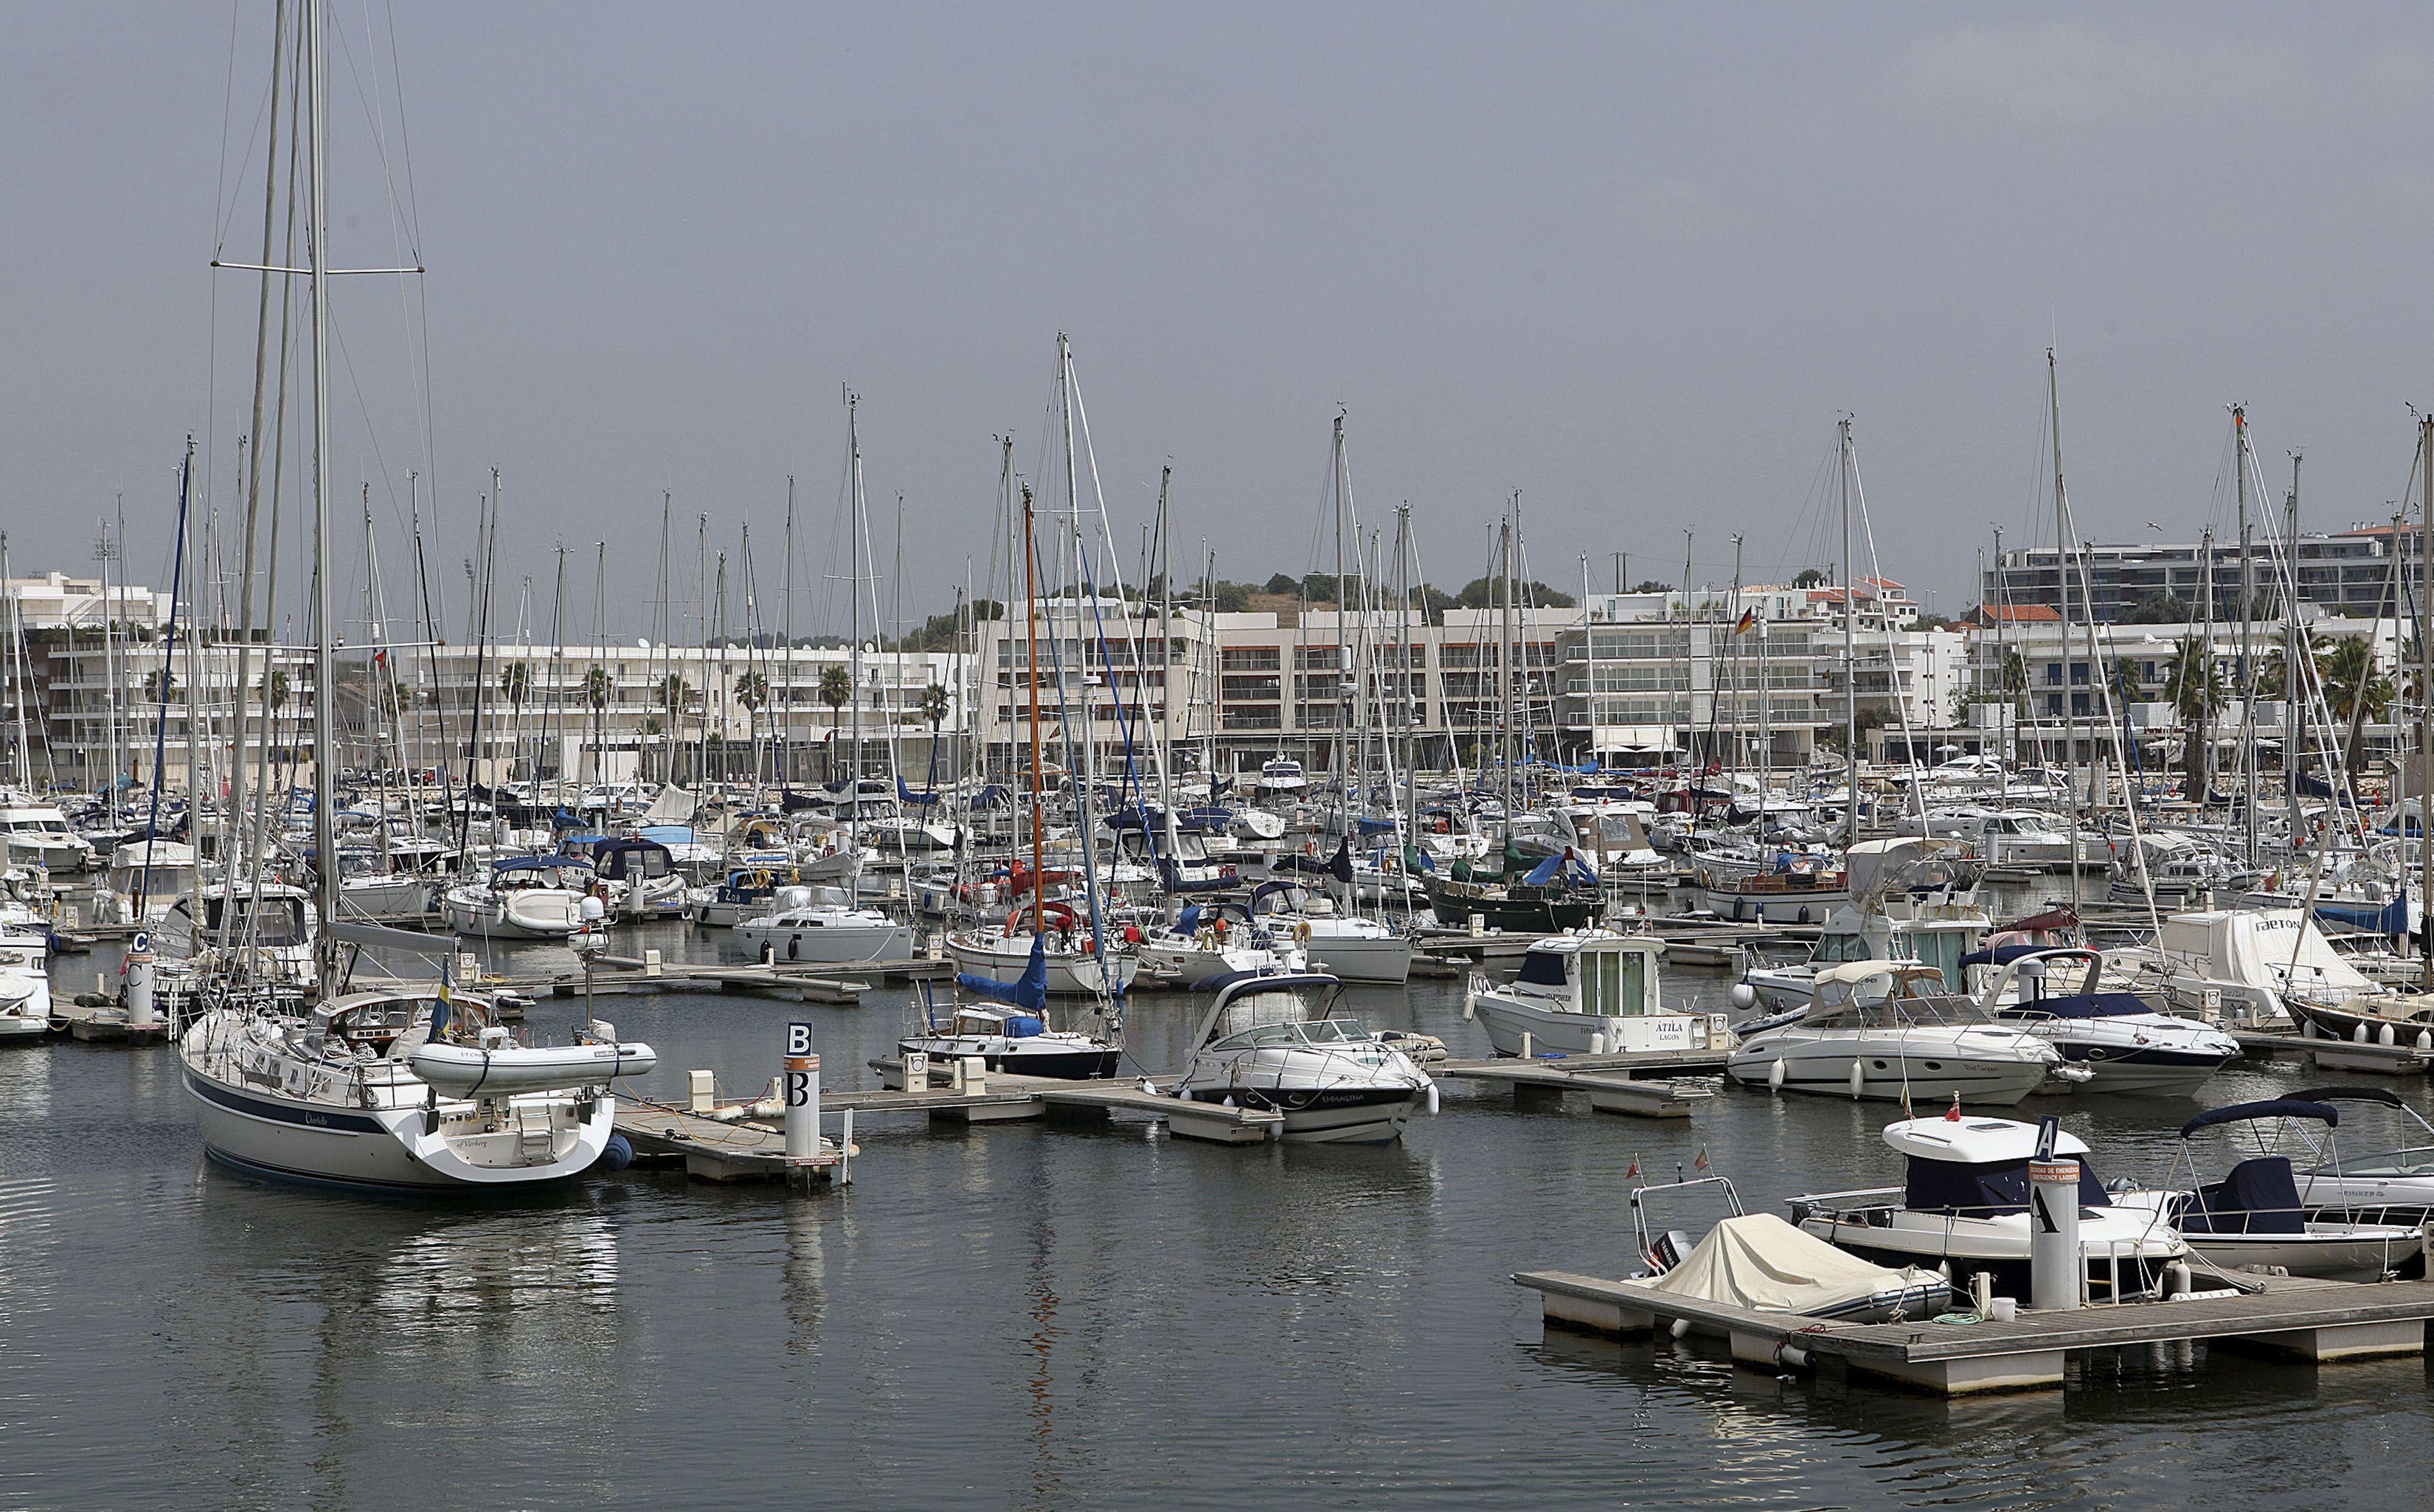 Governo quer concessionar marinas a privados